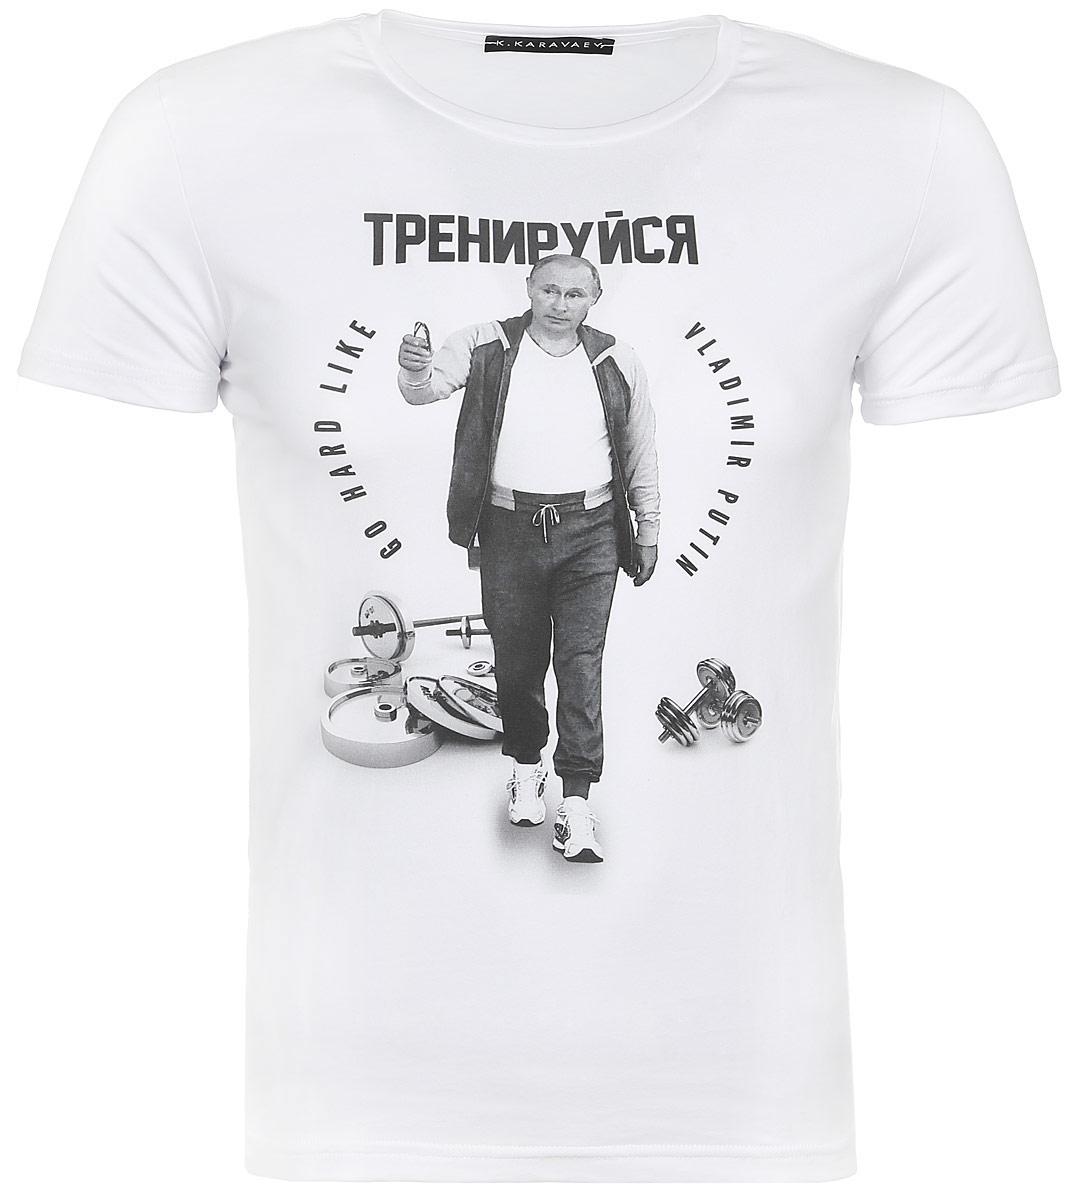 15.053.01.01.1Стильная футболка K.Karavaev Тренируйся, выполненная из высококачественного эластичного хлопка, обладает высокой воздухопроницаемостью и гигроскопичностью, позволяет коже дышать. Такая футболка великолепно подойдет как для повседневной носки, так и для спортивных занятий. Модель с короткими рукавами и круглым вырезом горловины - идеальный вариант для создания модного современного образа. Футболка оформлена красочным остроумным принтом с надписью Тренируйся. Такая модель подарит вам комфорт в течение всего дня и послужит замечательным дополнением к вашему гардеробу. Бренд K.Karavaev - это не только одна из самых популярных фирм по продаже патриотических футболок и свитшотов, но и круглосуточный мониторинг трендов. Компания была создана на базе легендарной Hearts Of Russia (знаменитые футболки в ГУМе) и Design Ministry из Петербурга, славящейся своими дизайнерскими и остроумными принтами. Симбиоз двух брендов положил начало новому K.Karavaev, взявшему своё...